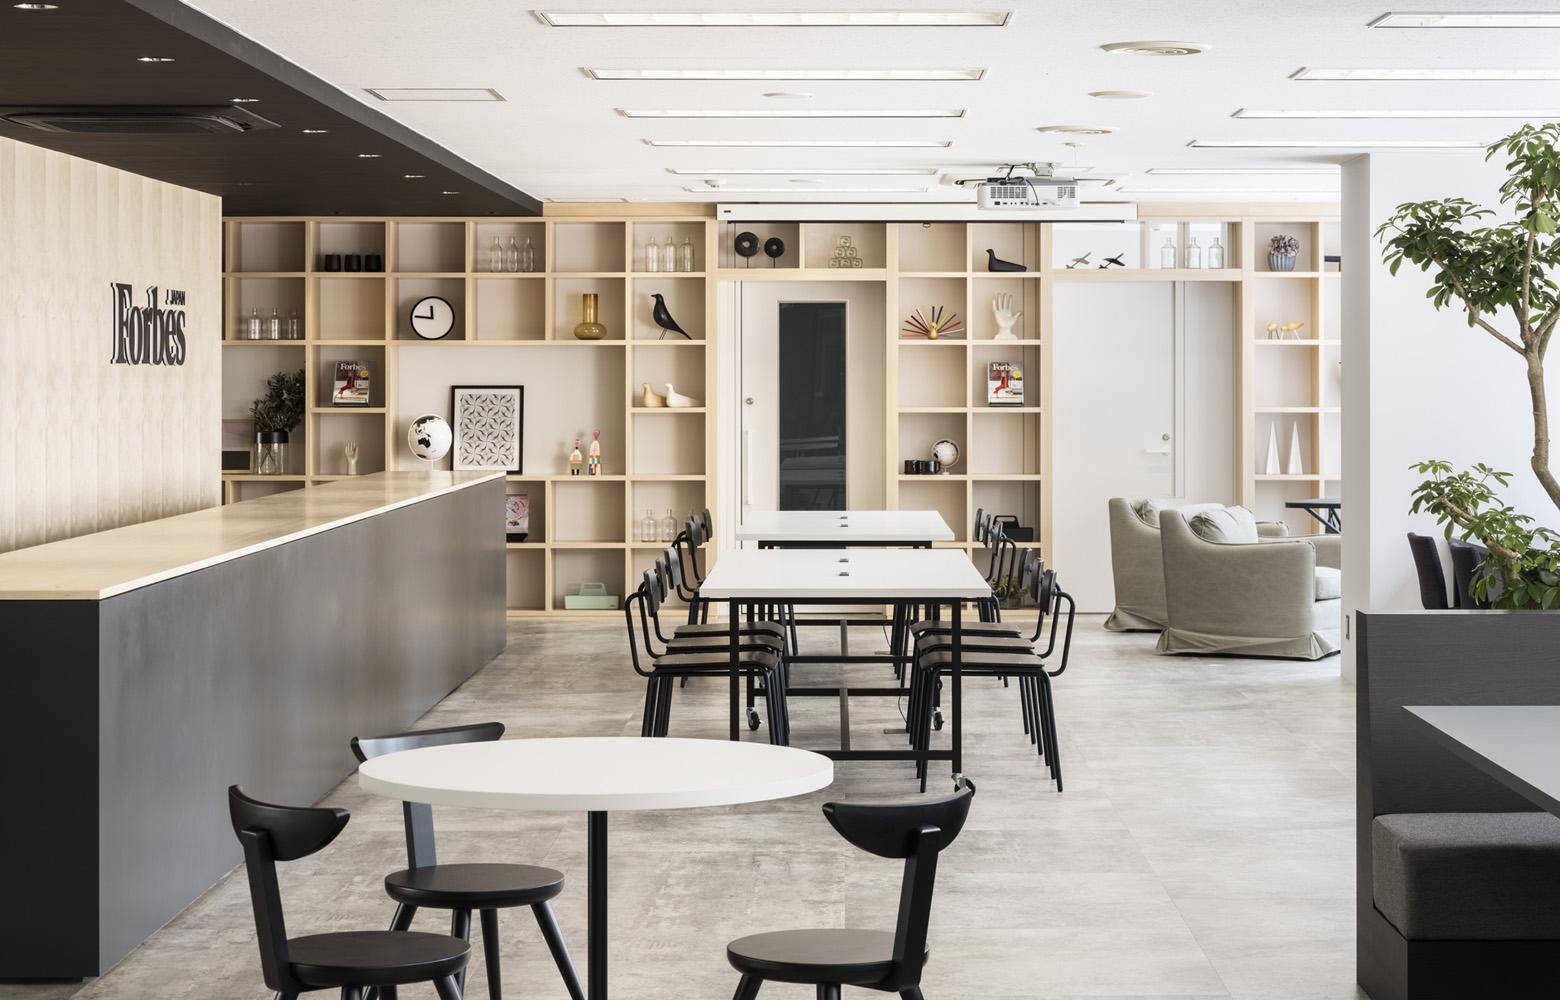 リンクタイズ株式会社 Open Lounge_4 デザイン・レイアウト事例